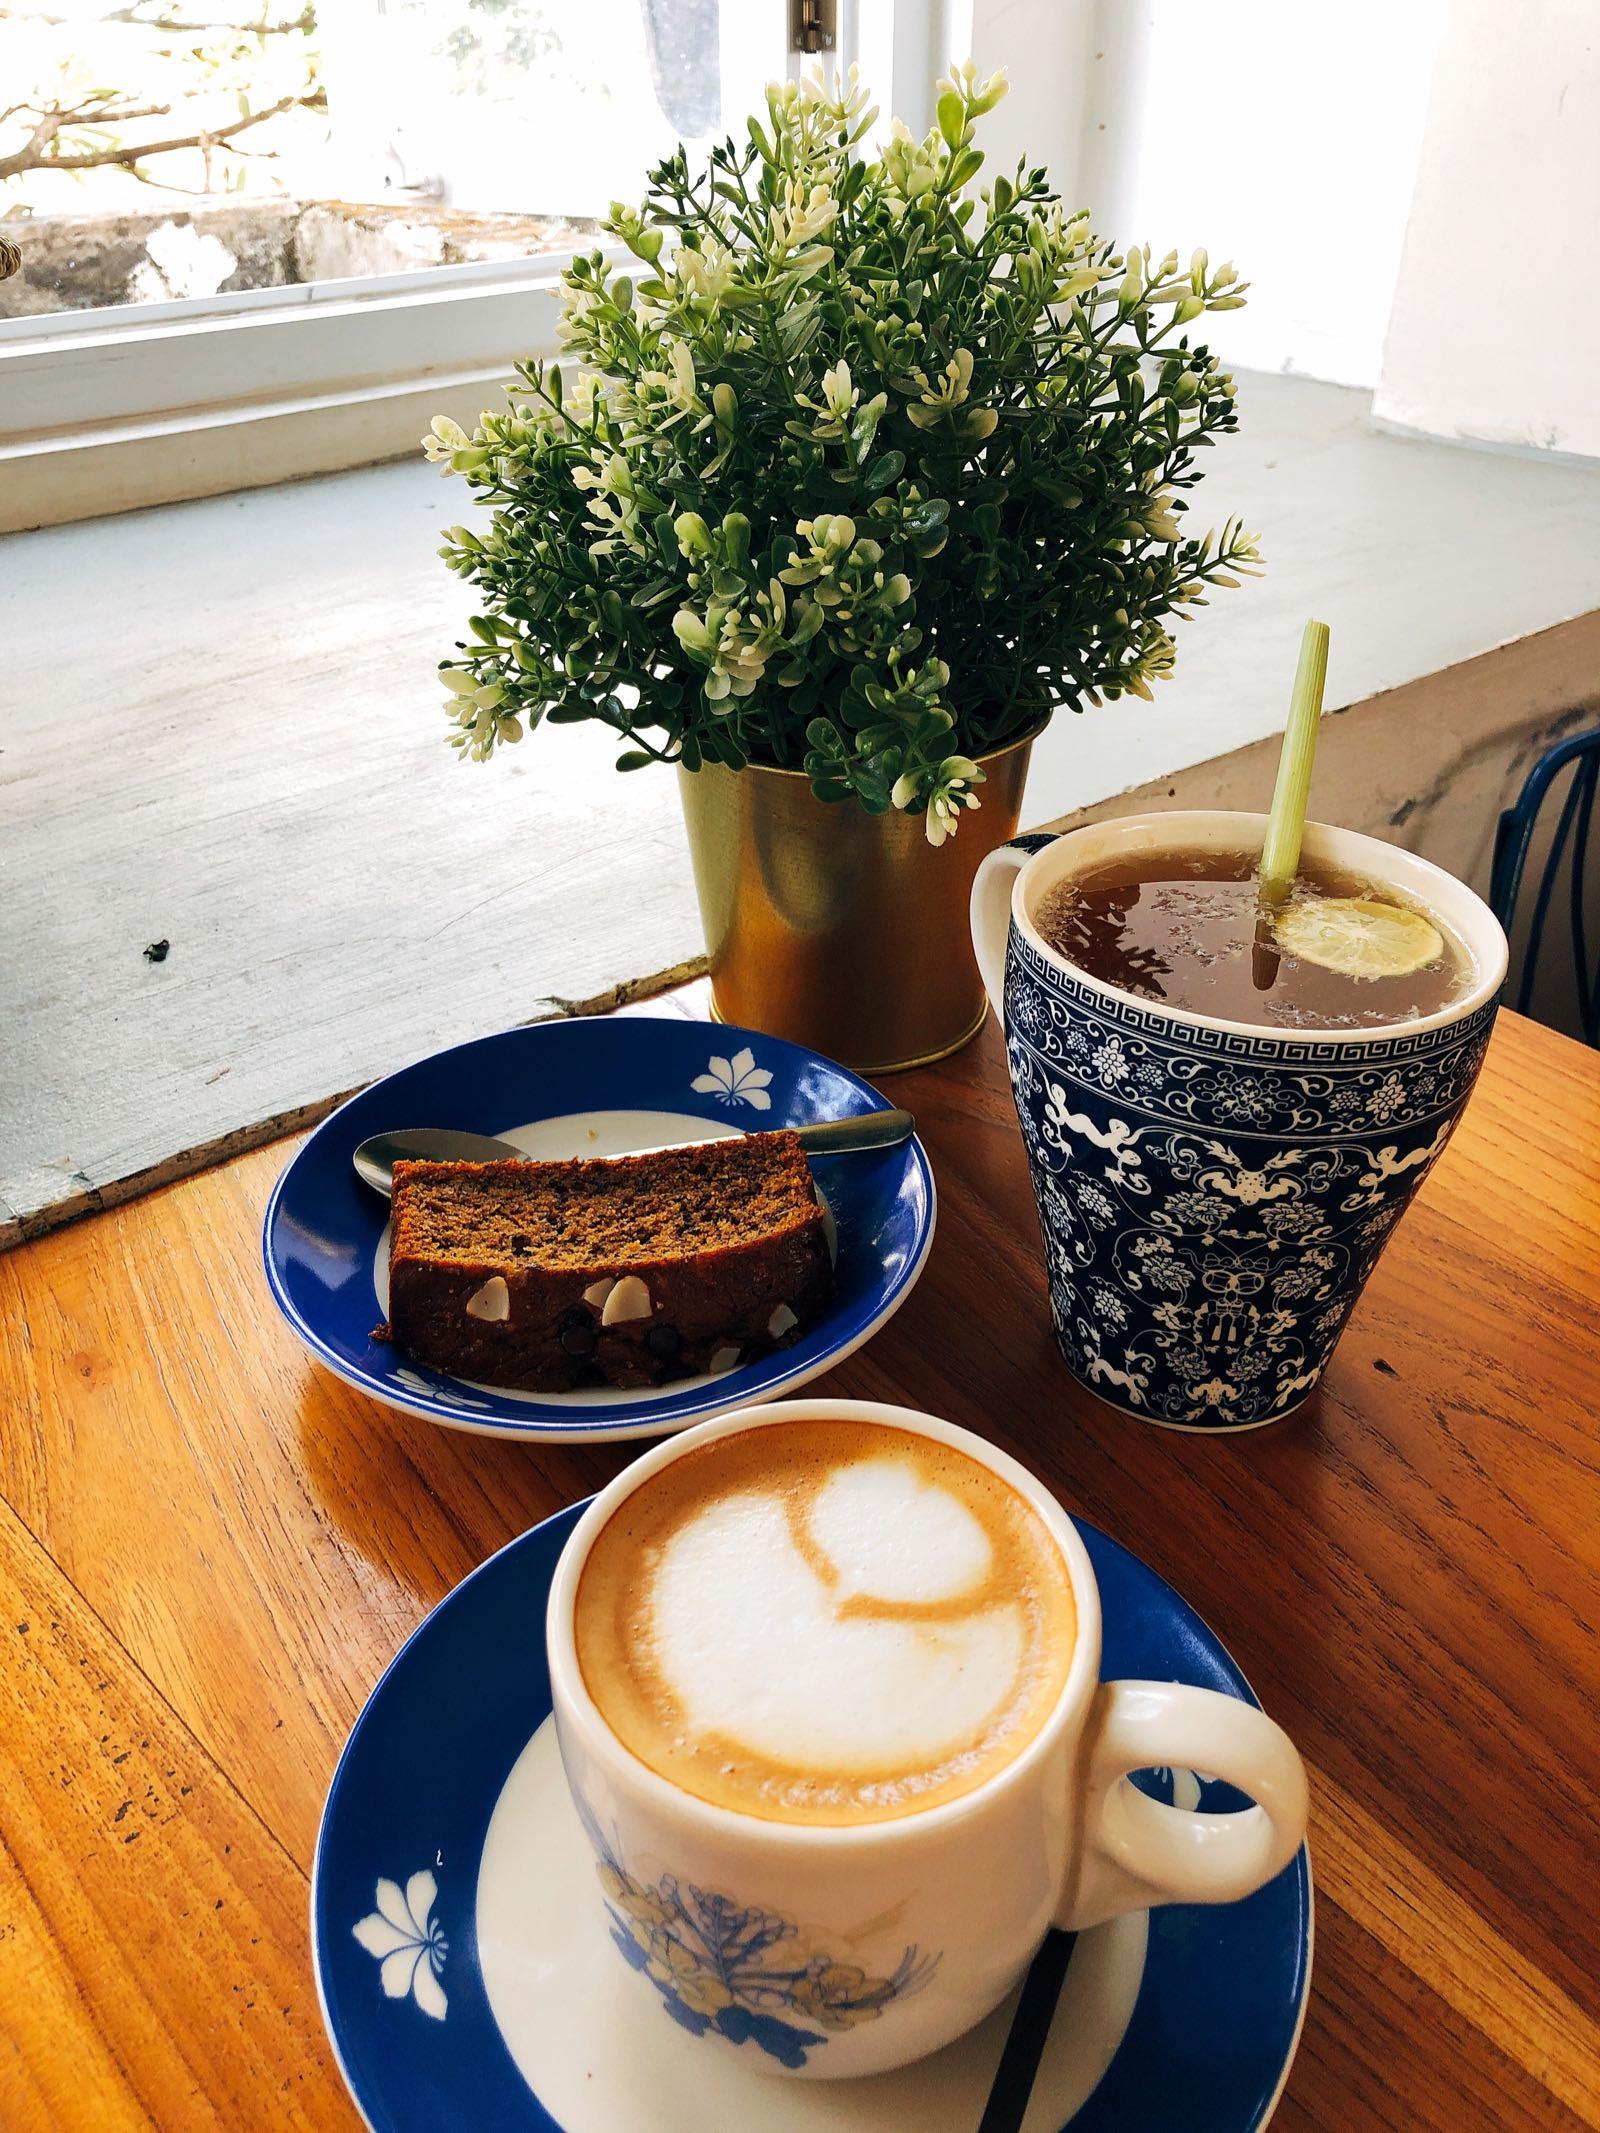 Coffee And Banana Bread At Warung Kopi Limarasa